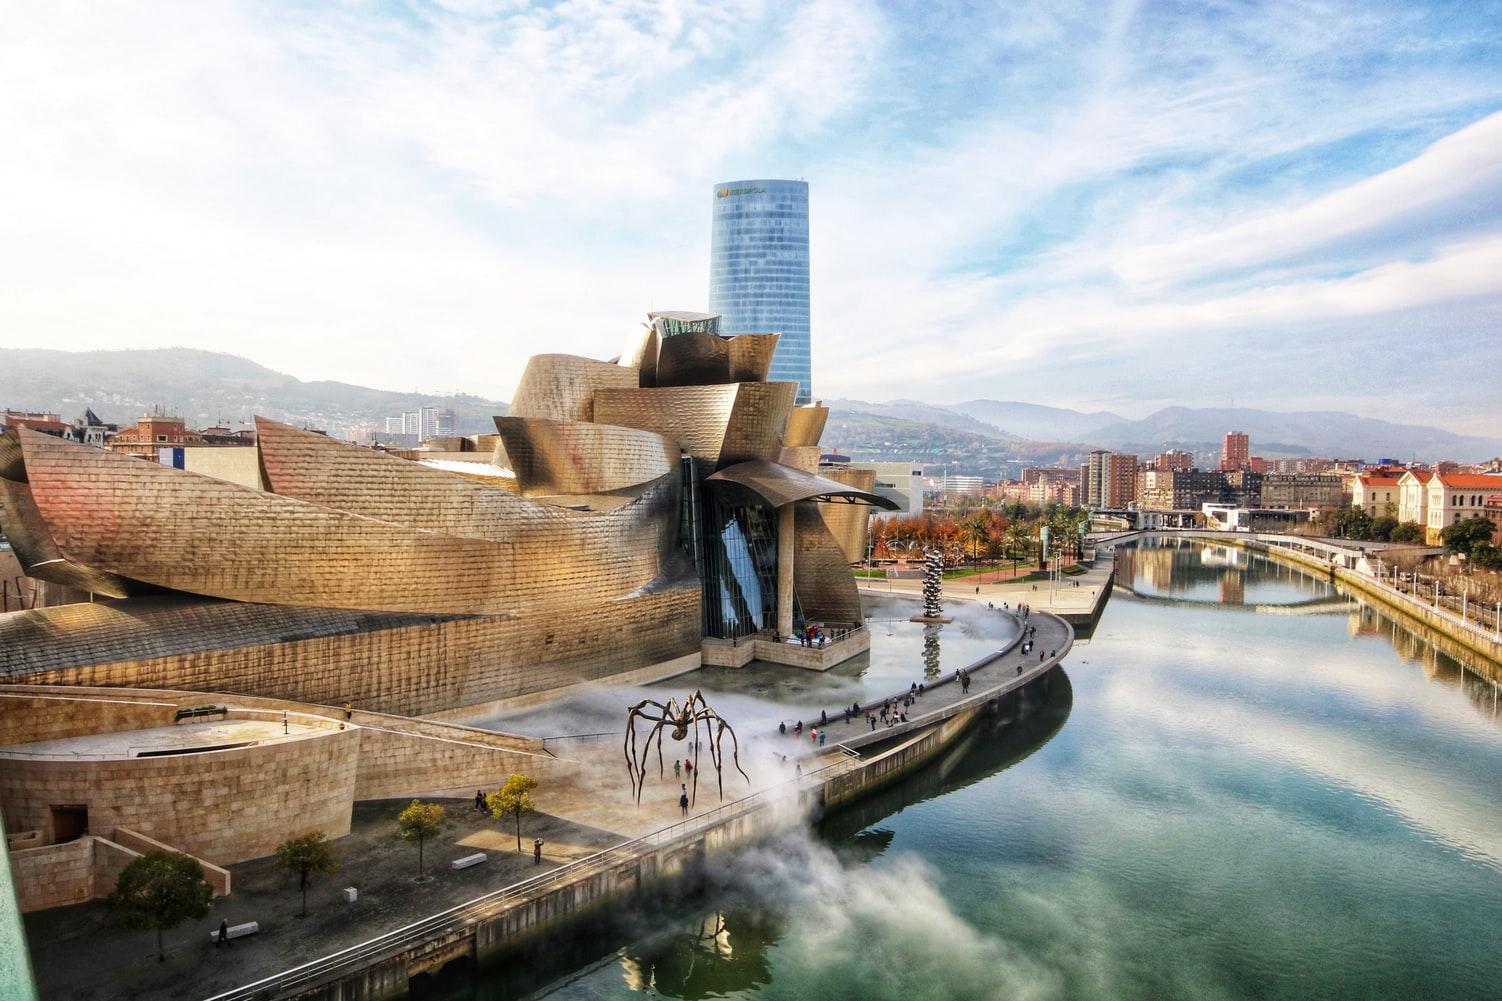 Топ-6 місць Європи для подорожей у 2020 більбао іспанія